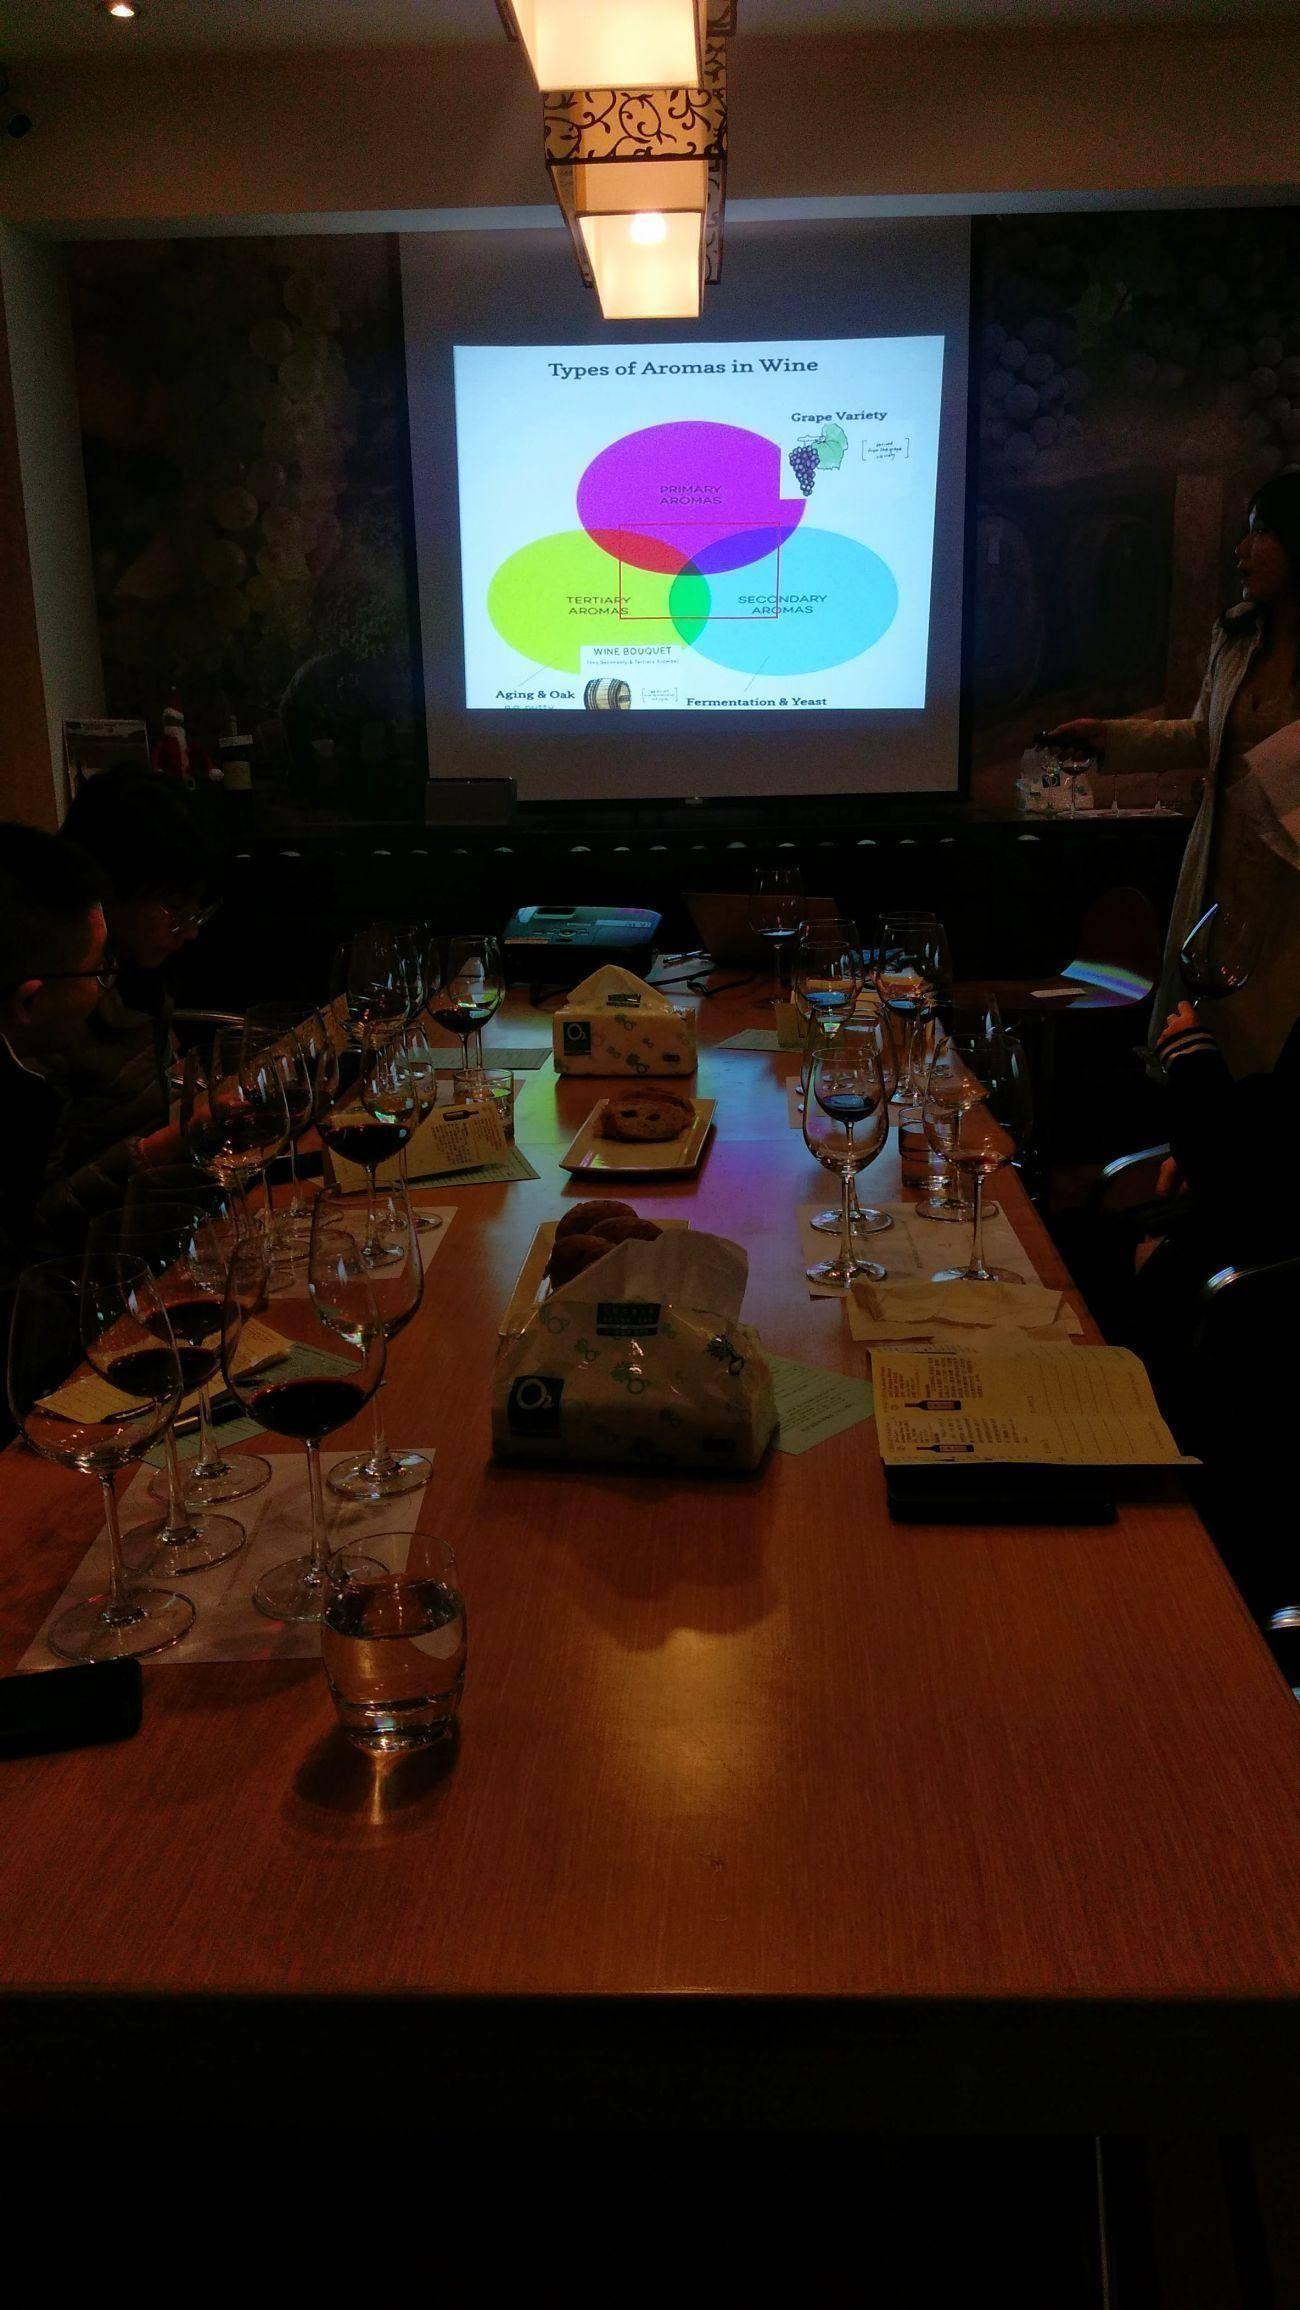 南澳的風土優勢=優質的葡萄酒